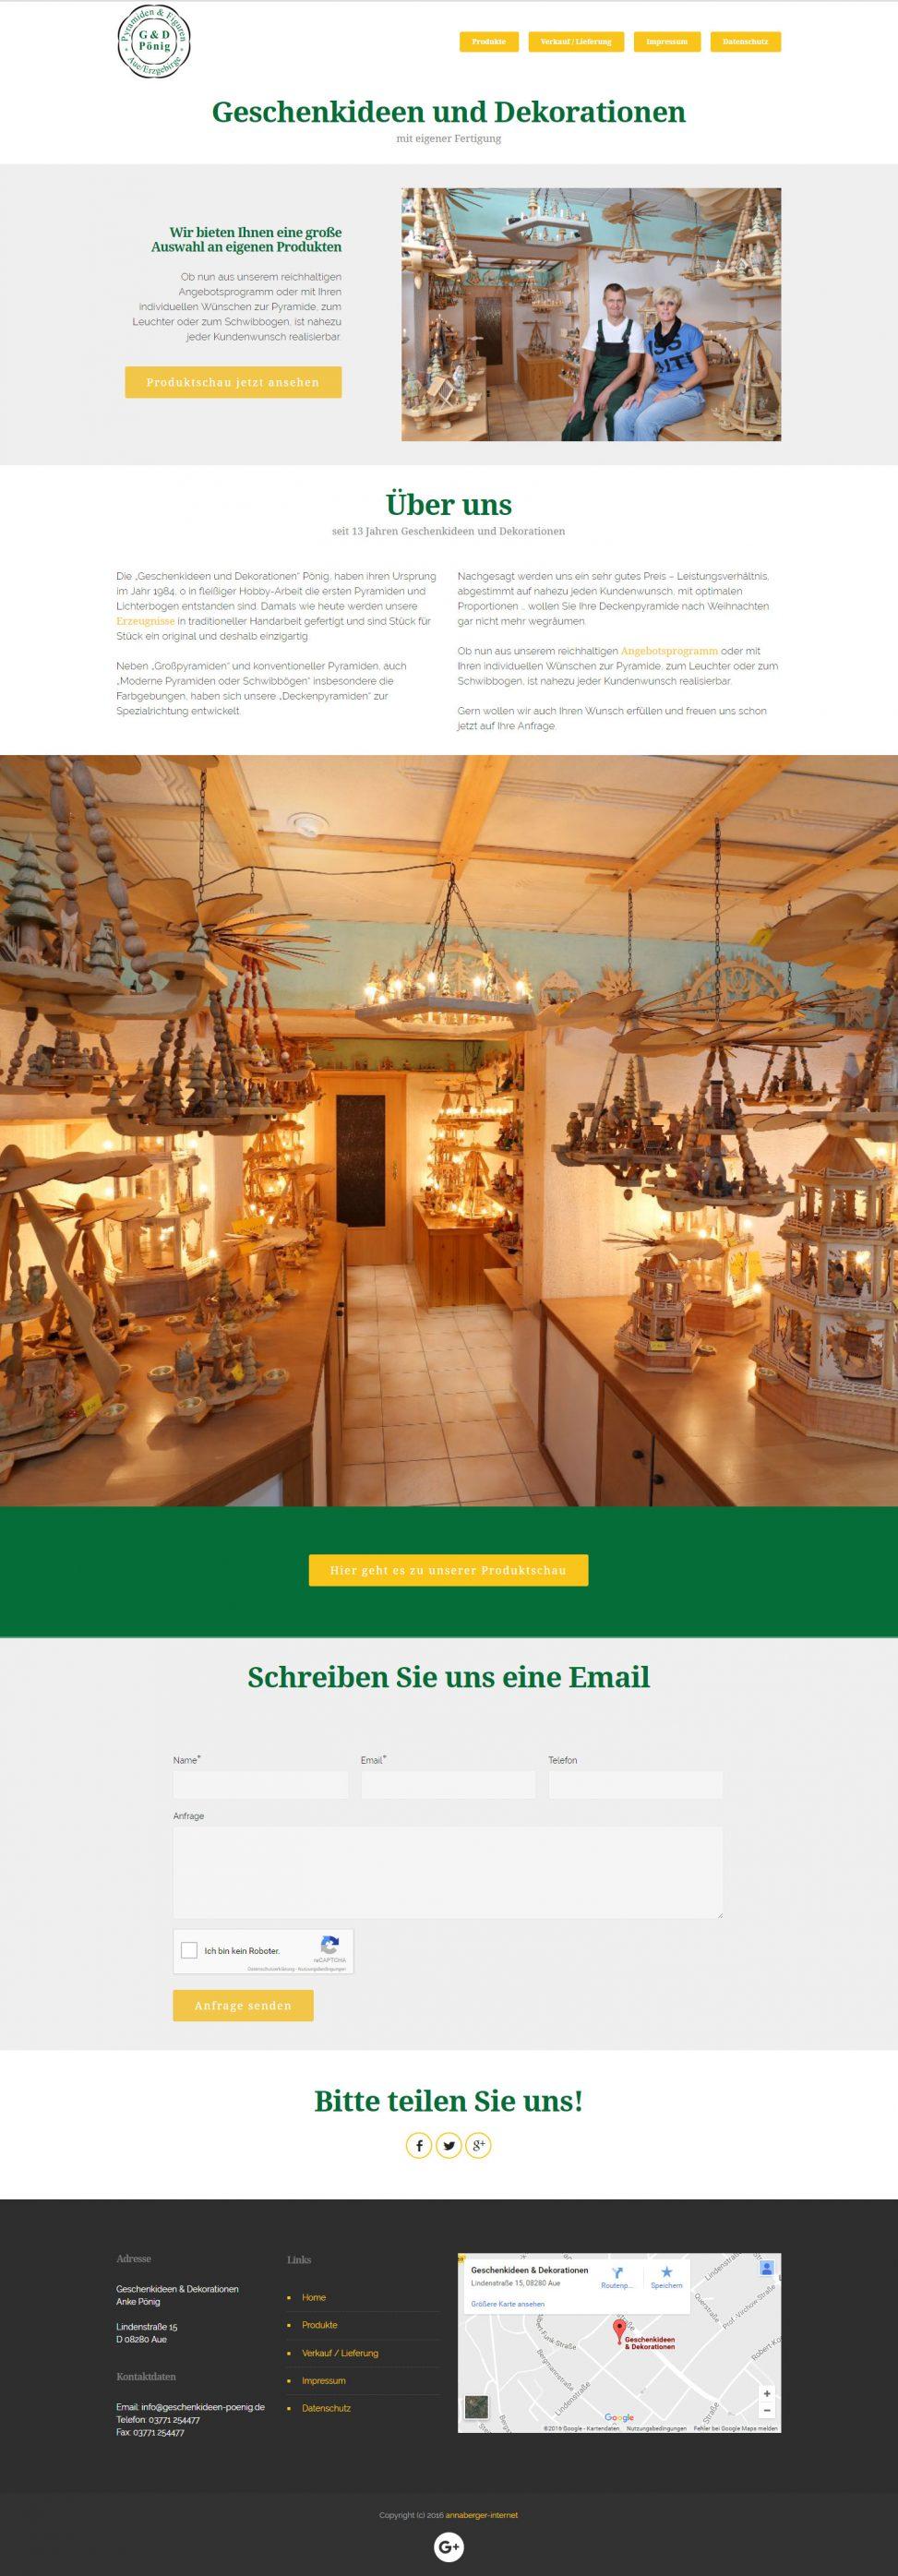 2016-geschenkideen-poenig Ertzgebirge